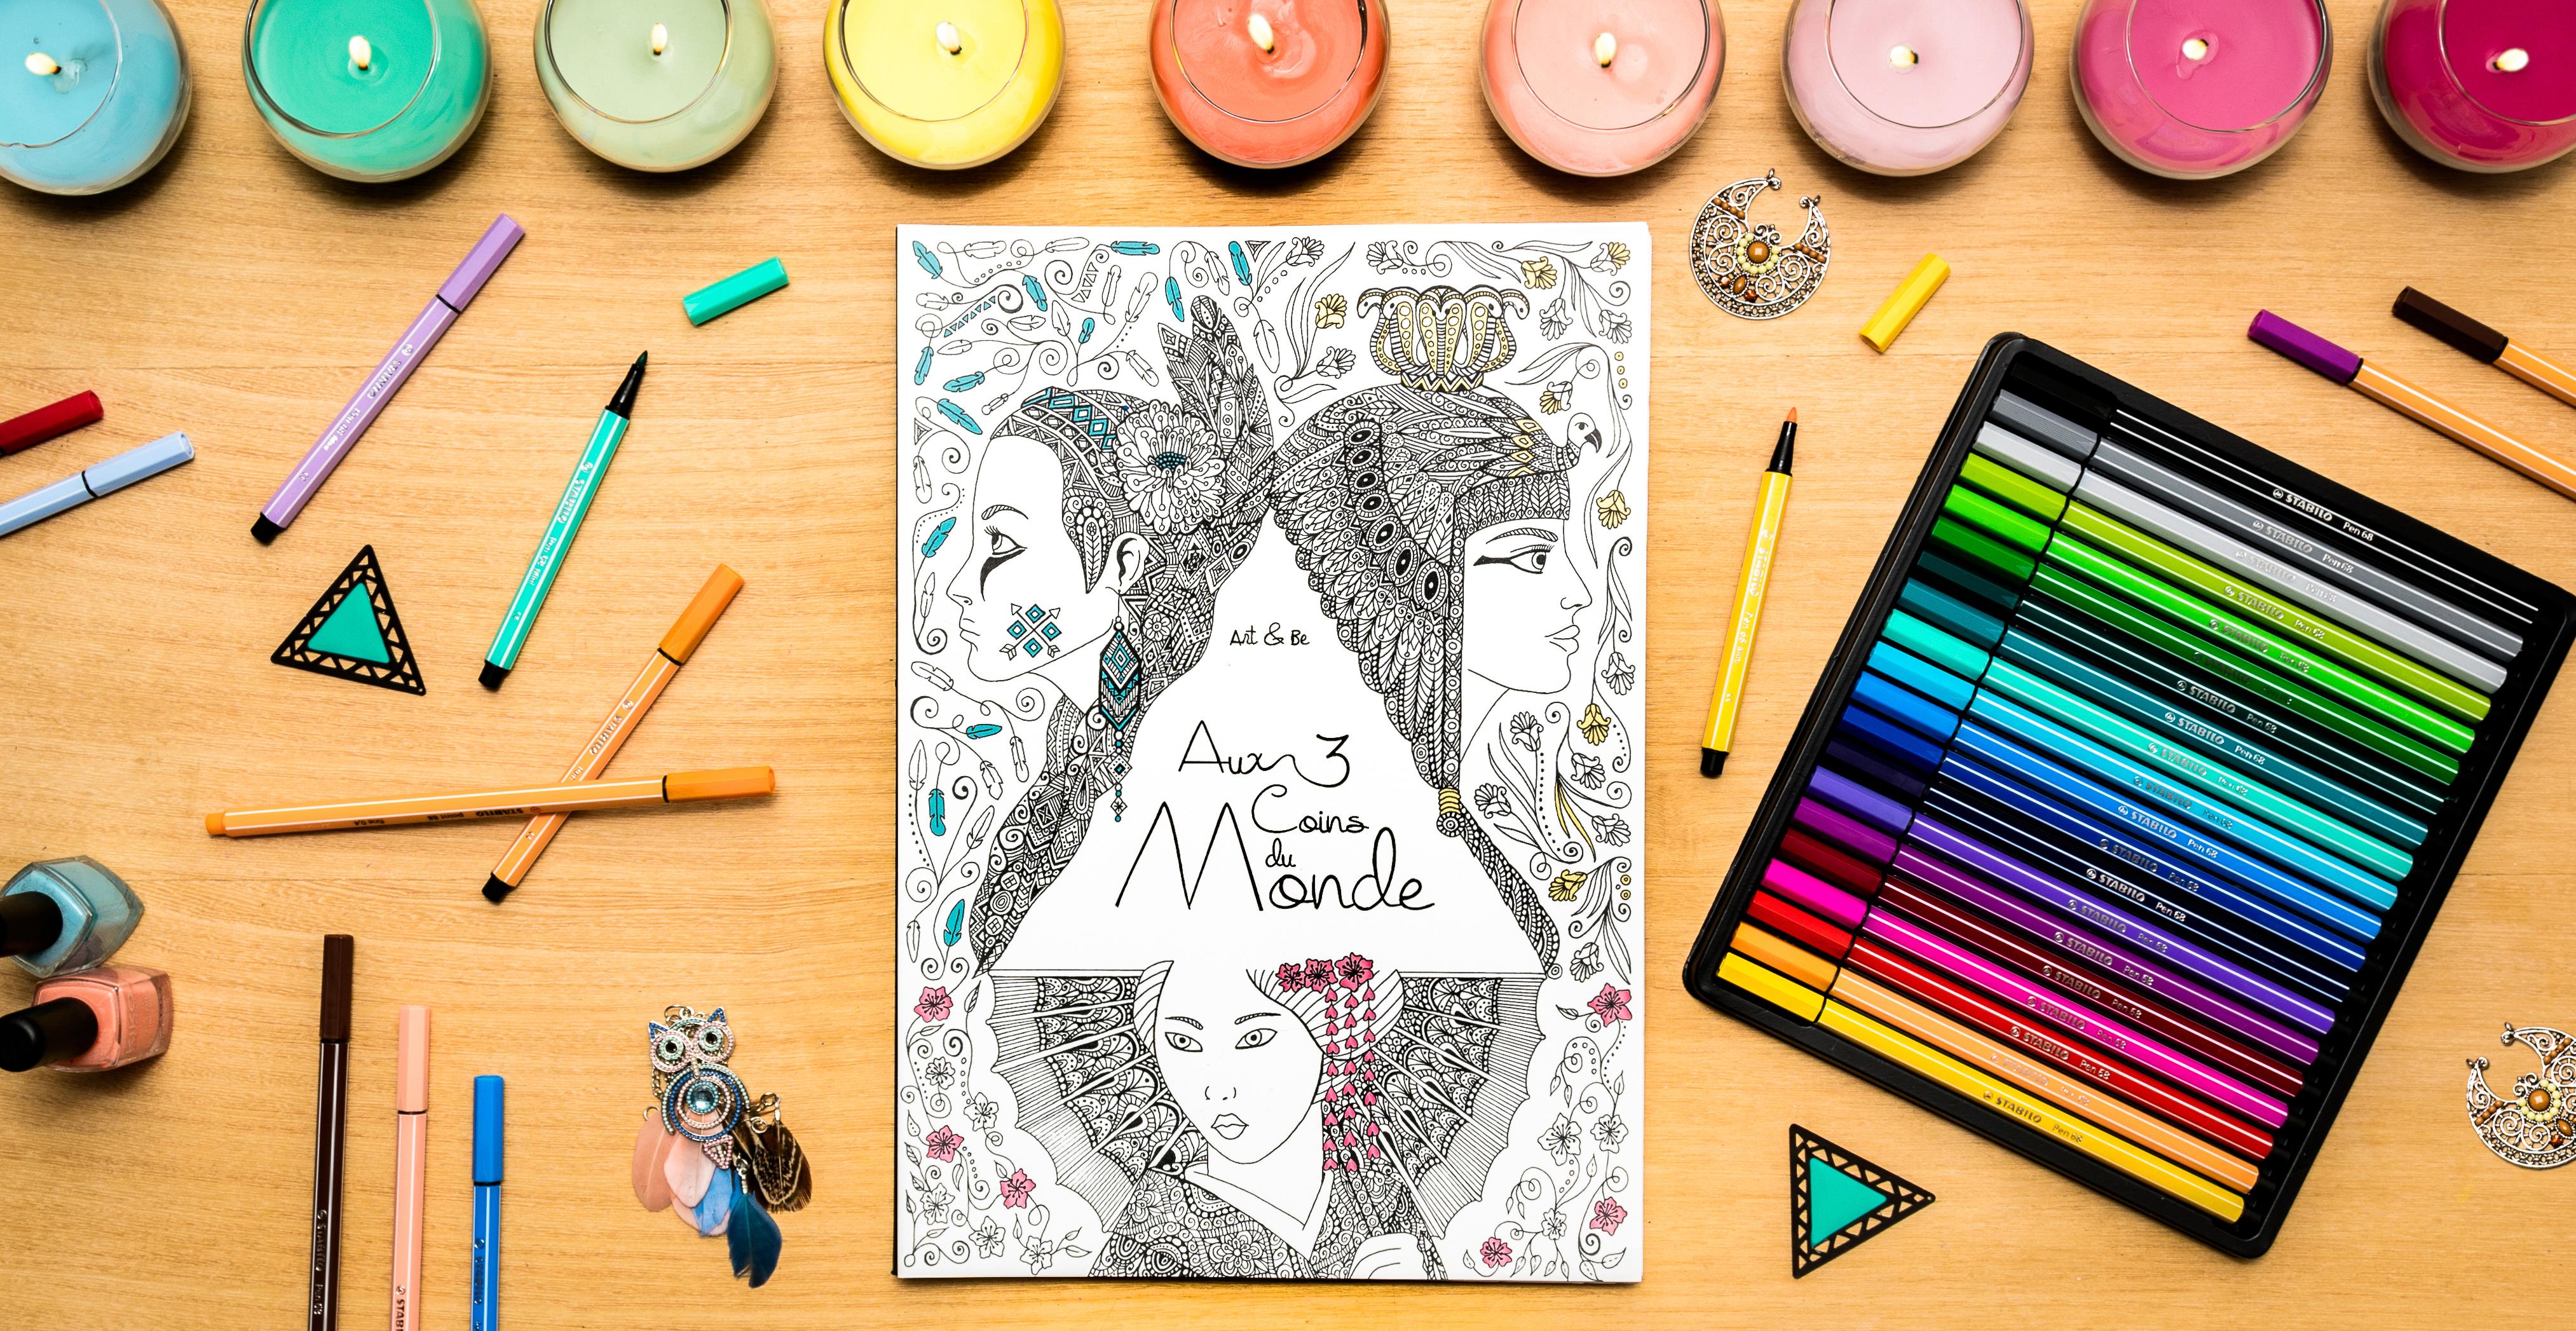 Sabrina Beretta présente son livre de coloriage Aux 3 coins du Monde